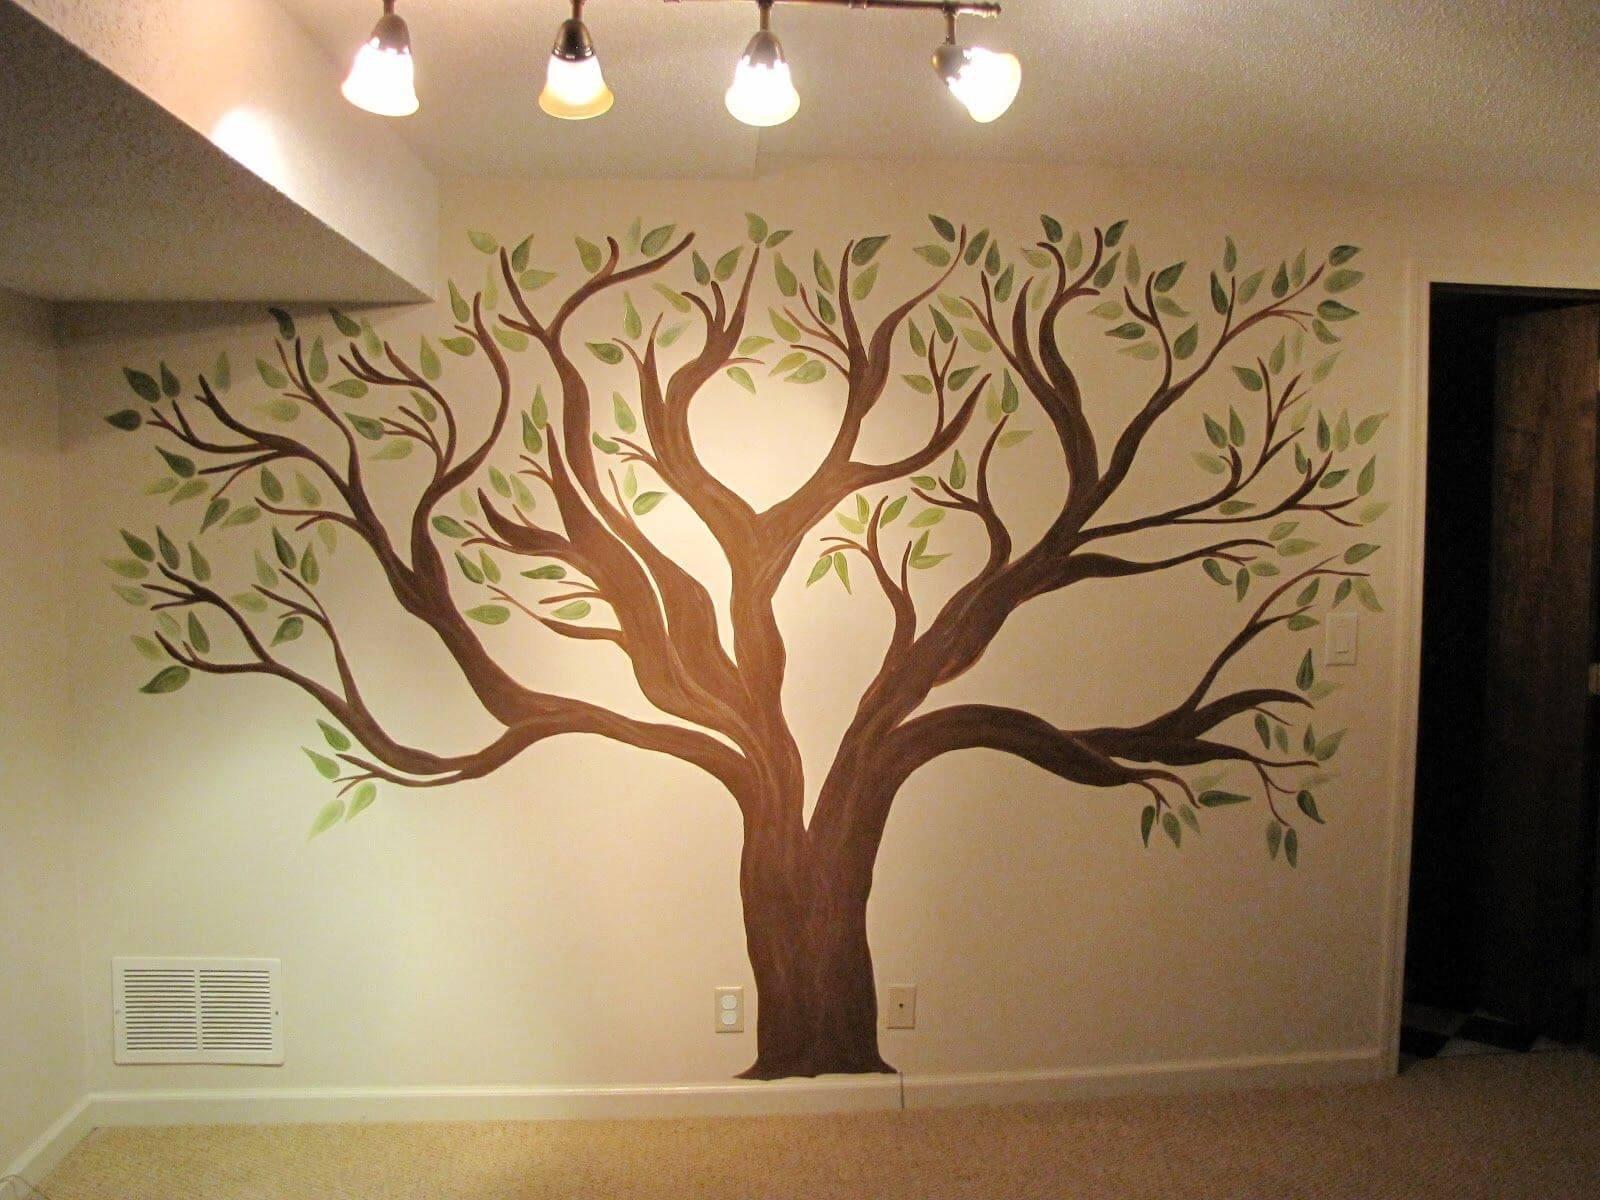 Дерево на стене своими руками: фото, как смотрится стена под дерево и процесс отделки стен ламинатом